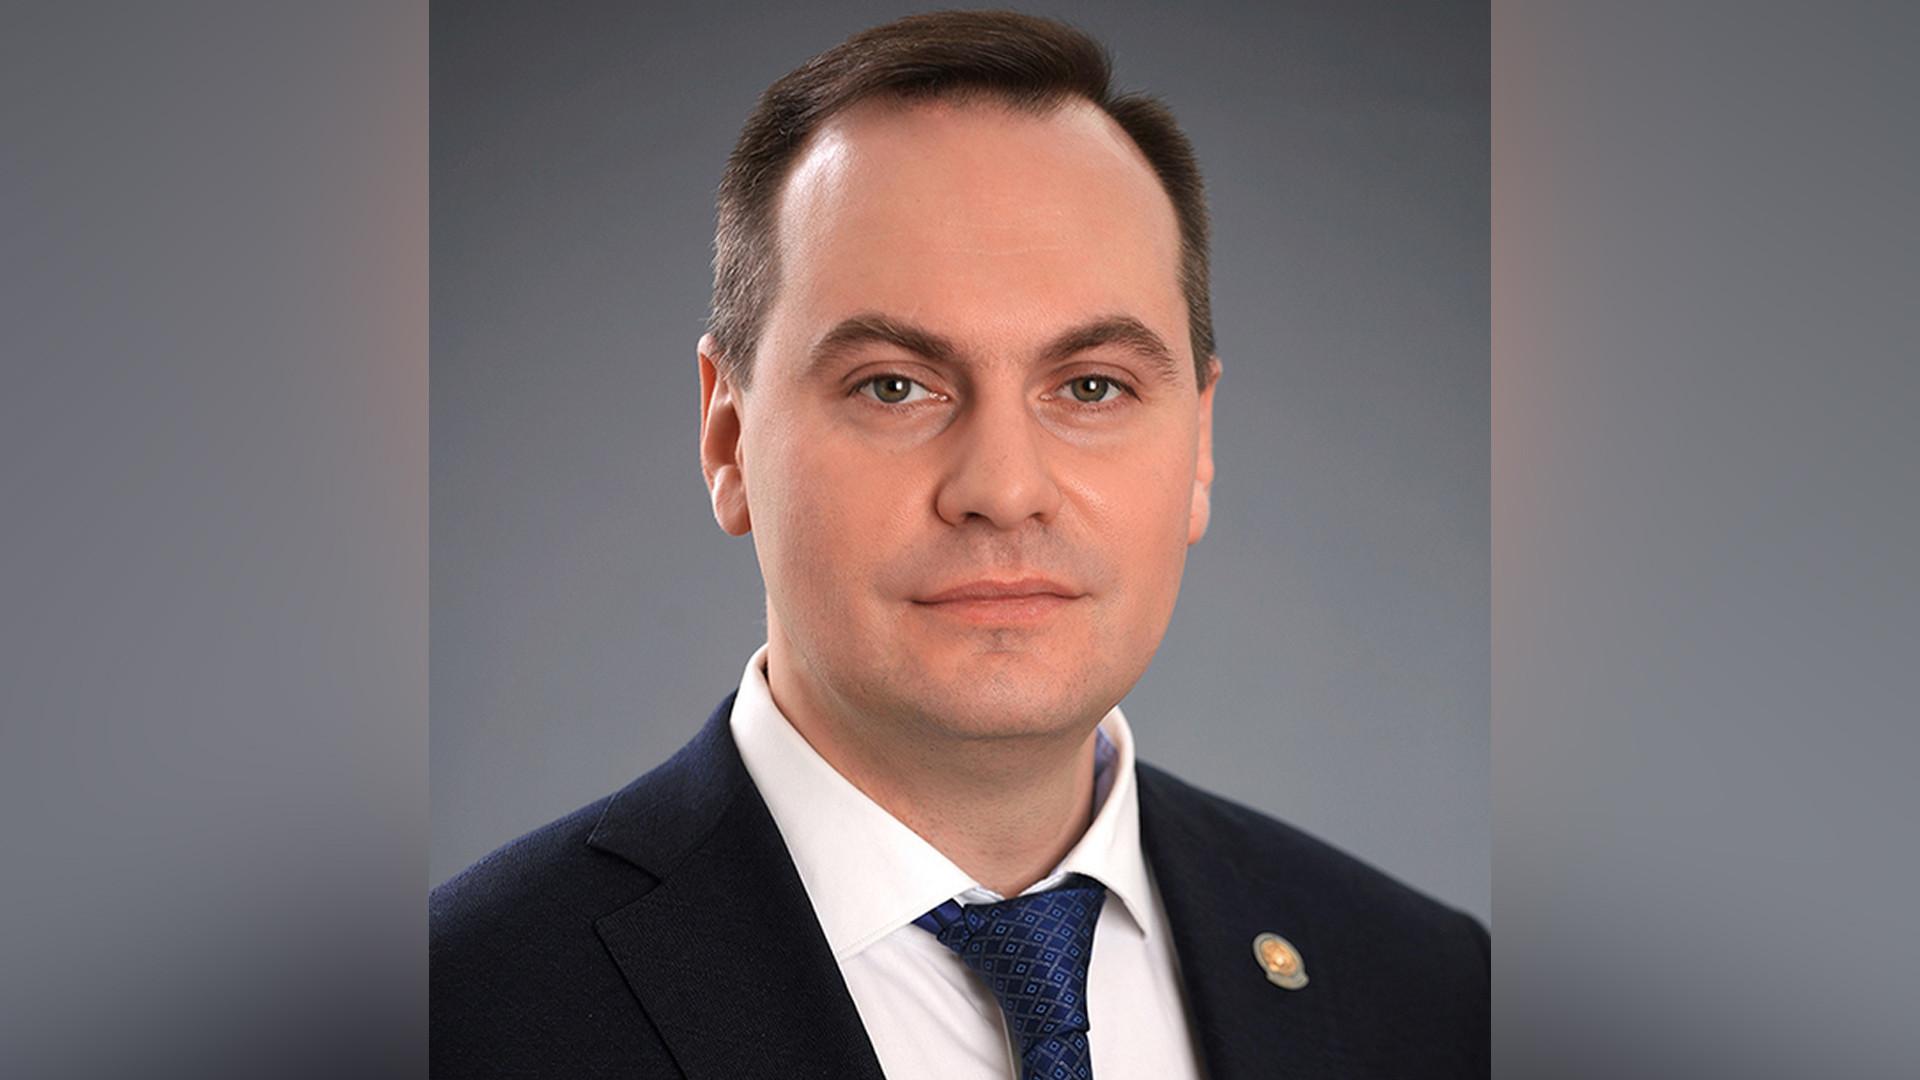 Новым премьером республики Дагестан назначен Артем Здунов